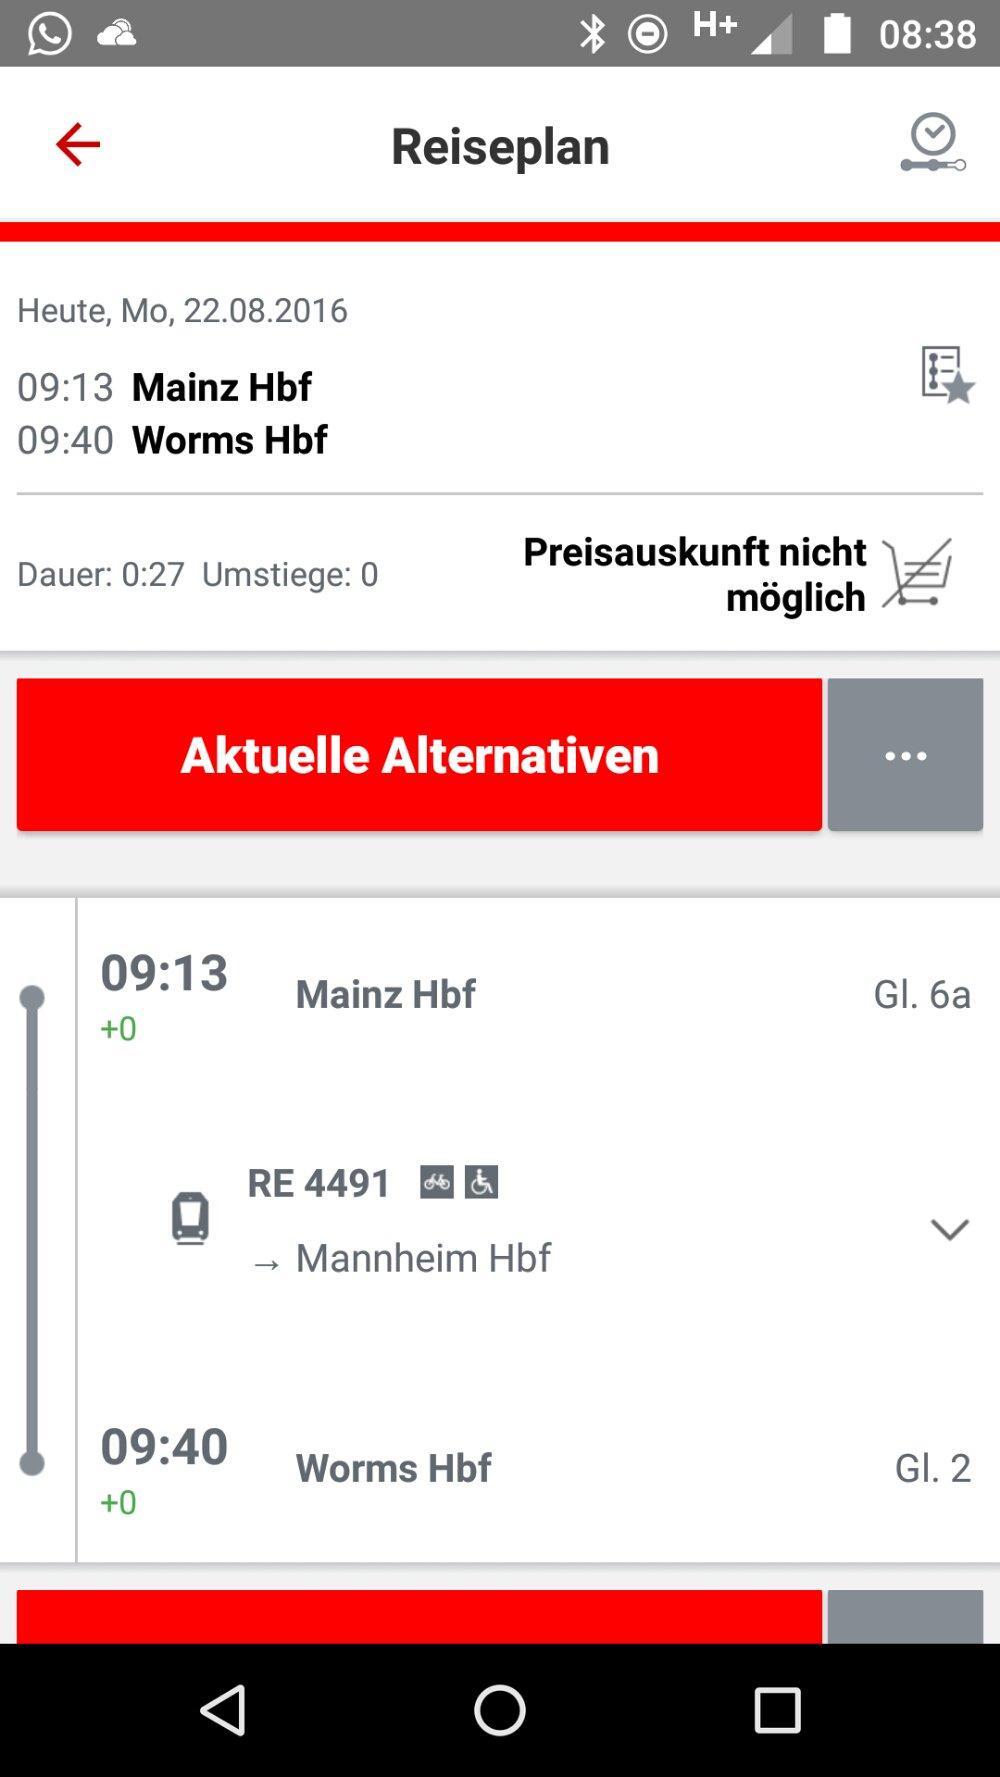 """Ich: """"1x Worms mit BahnCard"""" Busfahrt (friemelt an Terminal): """"Hm, geht irgendwie nicht"""" #ErlebnisBus https://t.co/0s7hzjn9pe"""